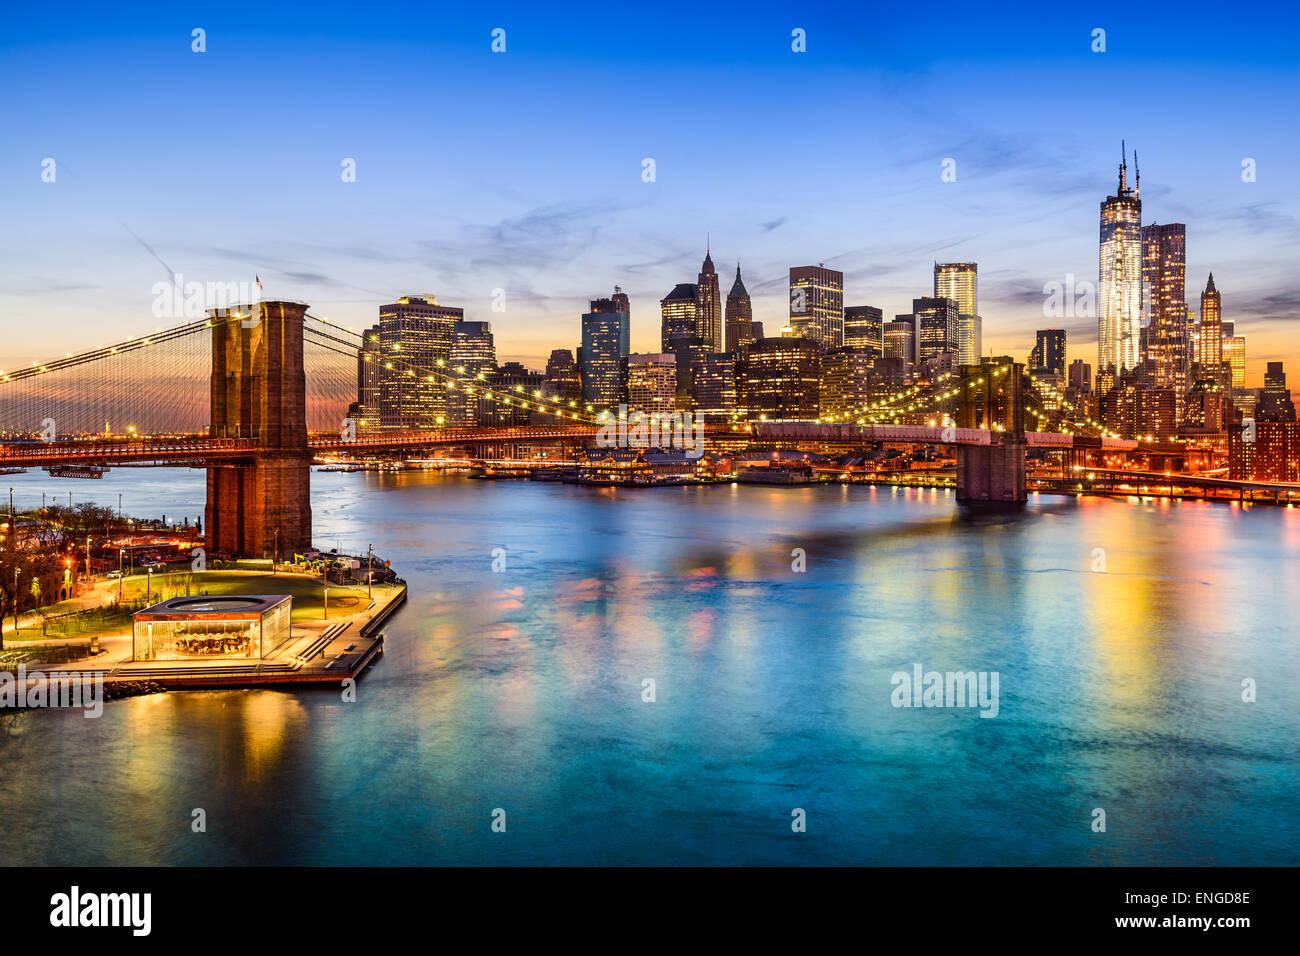 La ville de New York, USA skyline sur East River et pont de Brooklyn. Photo Stock